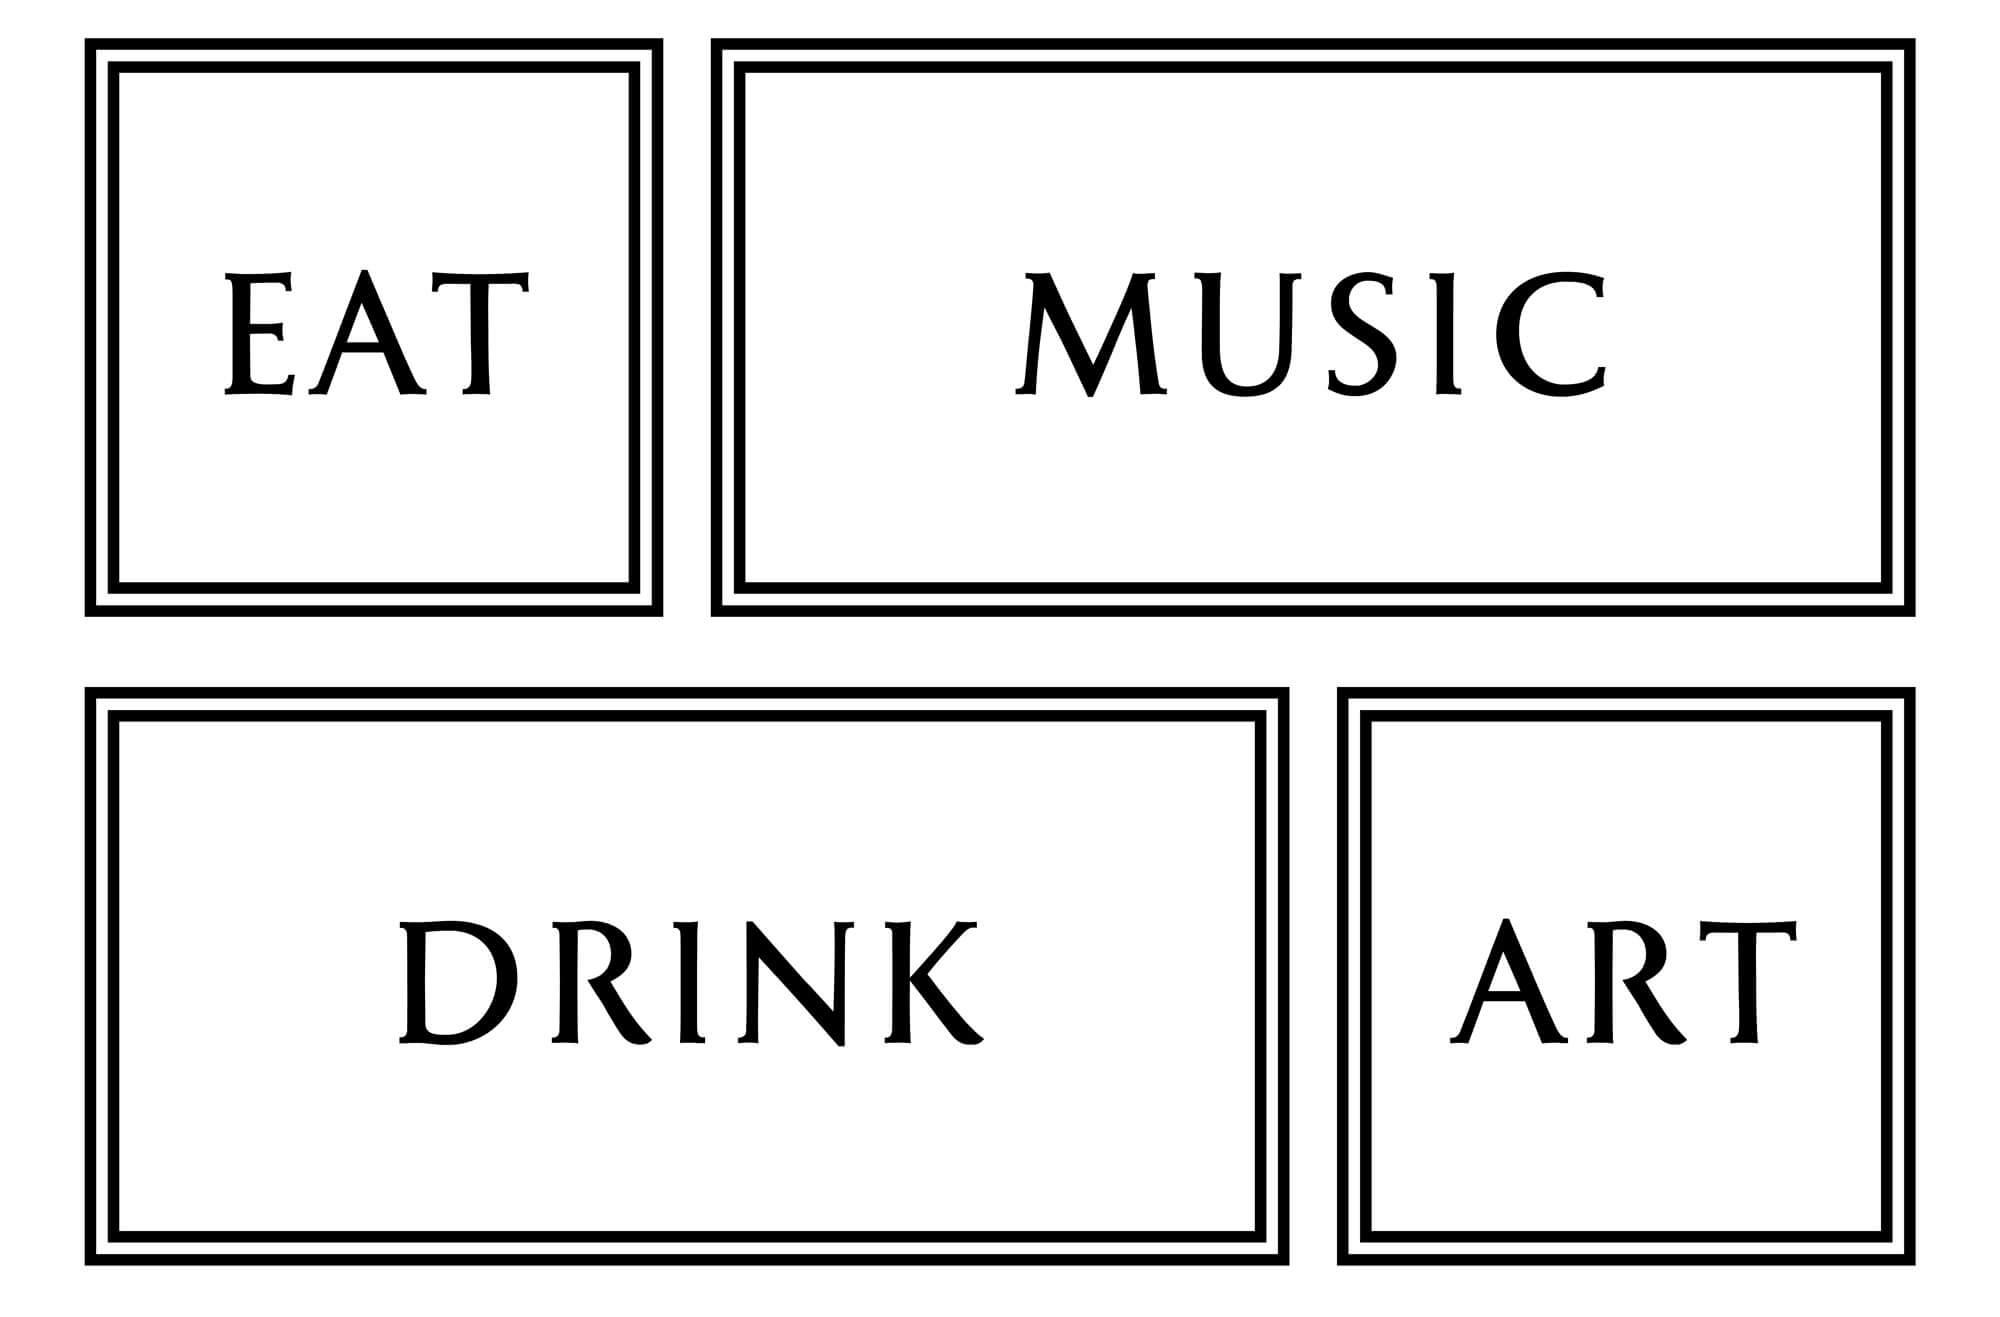 La charte graphique du sketch comprenant les element de l'identité visuelle, design IchetKar